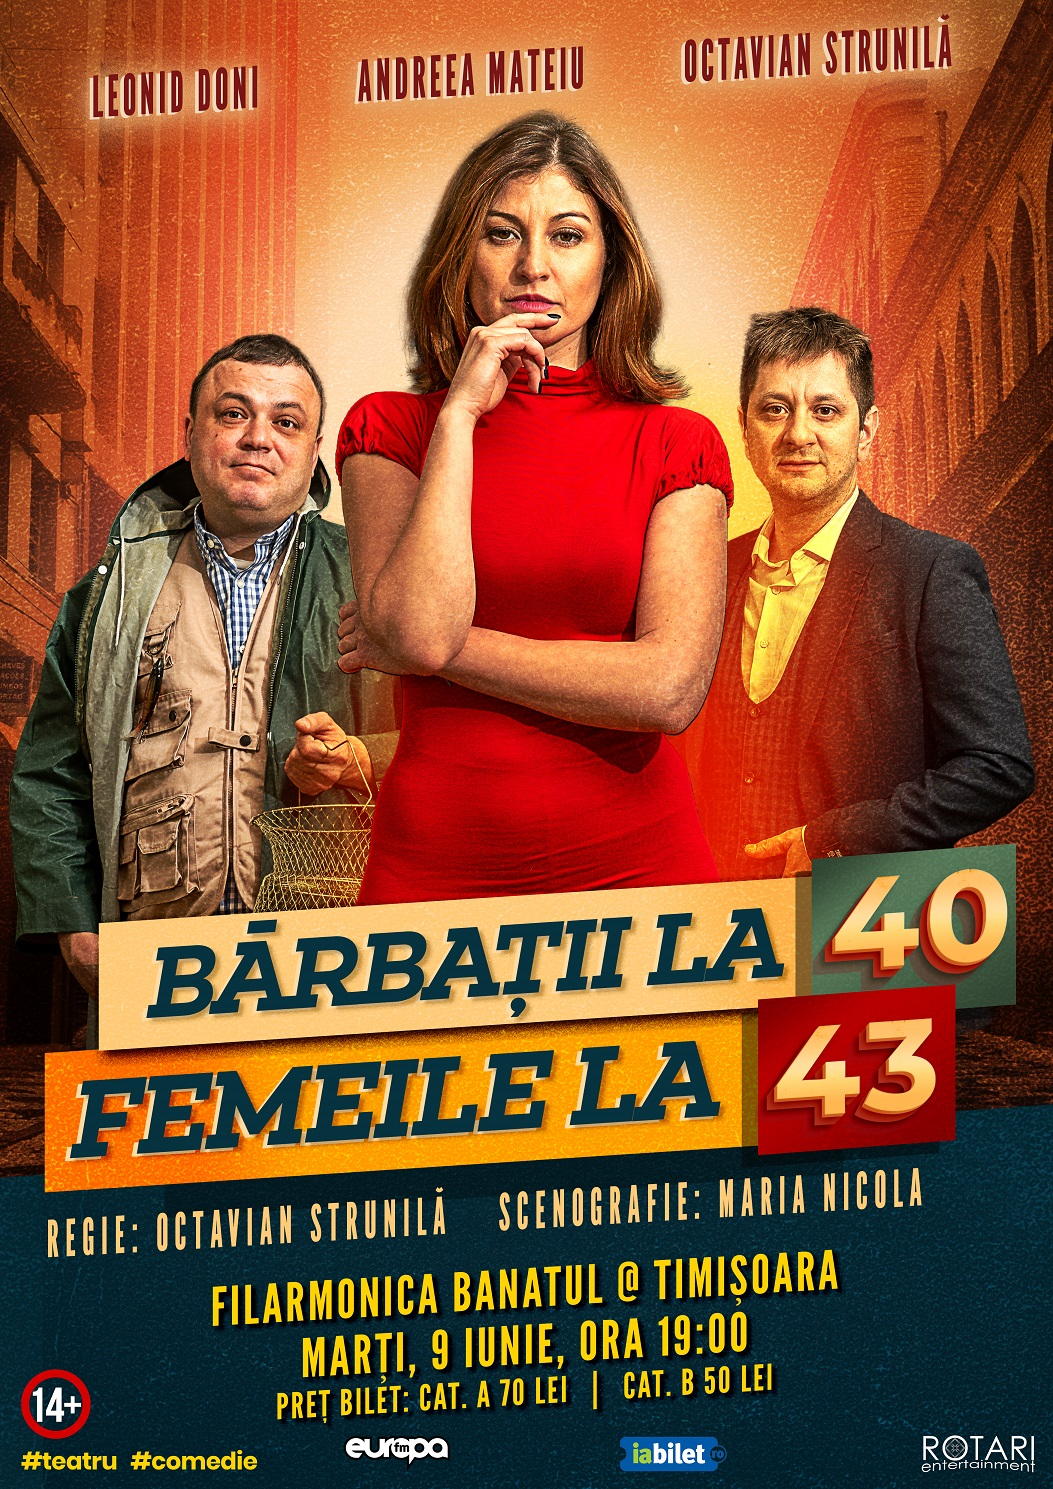 Bărbații la 40, Femeile la 43 în regia lui Octavian Strunilă, cu Leonid Doni, Andreea Mateiu și Octavian Strunilă, la Filarmonica Banatul din Timișoara